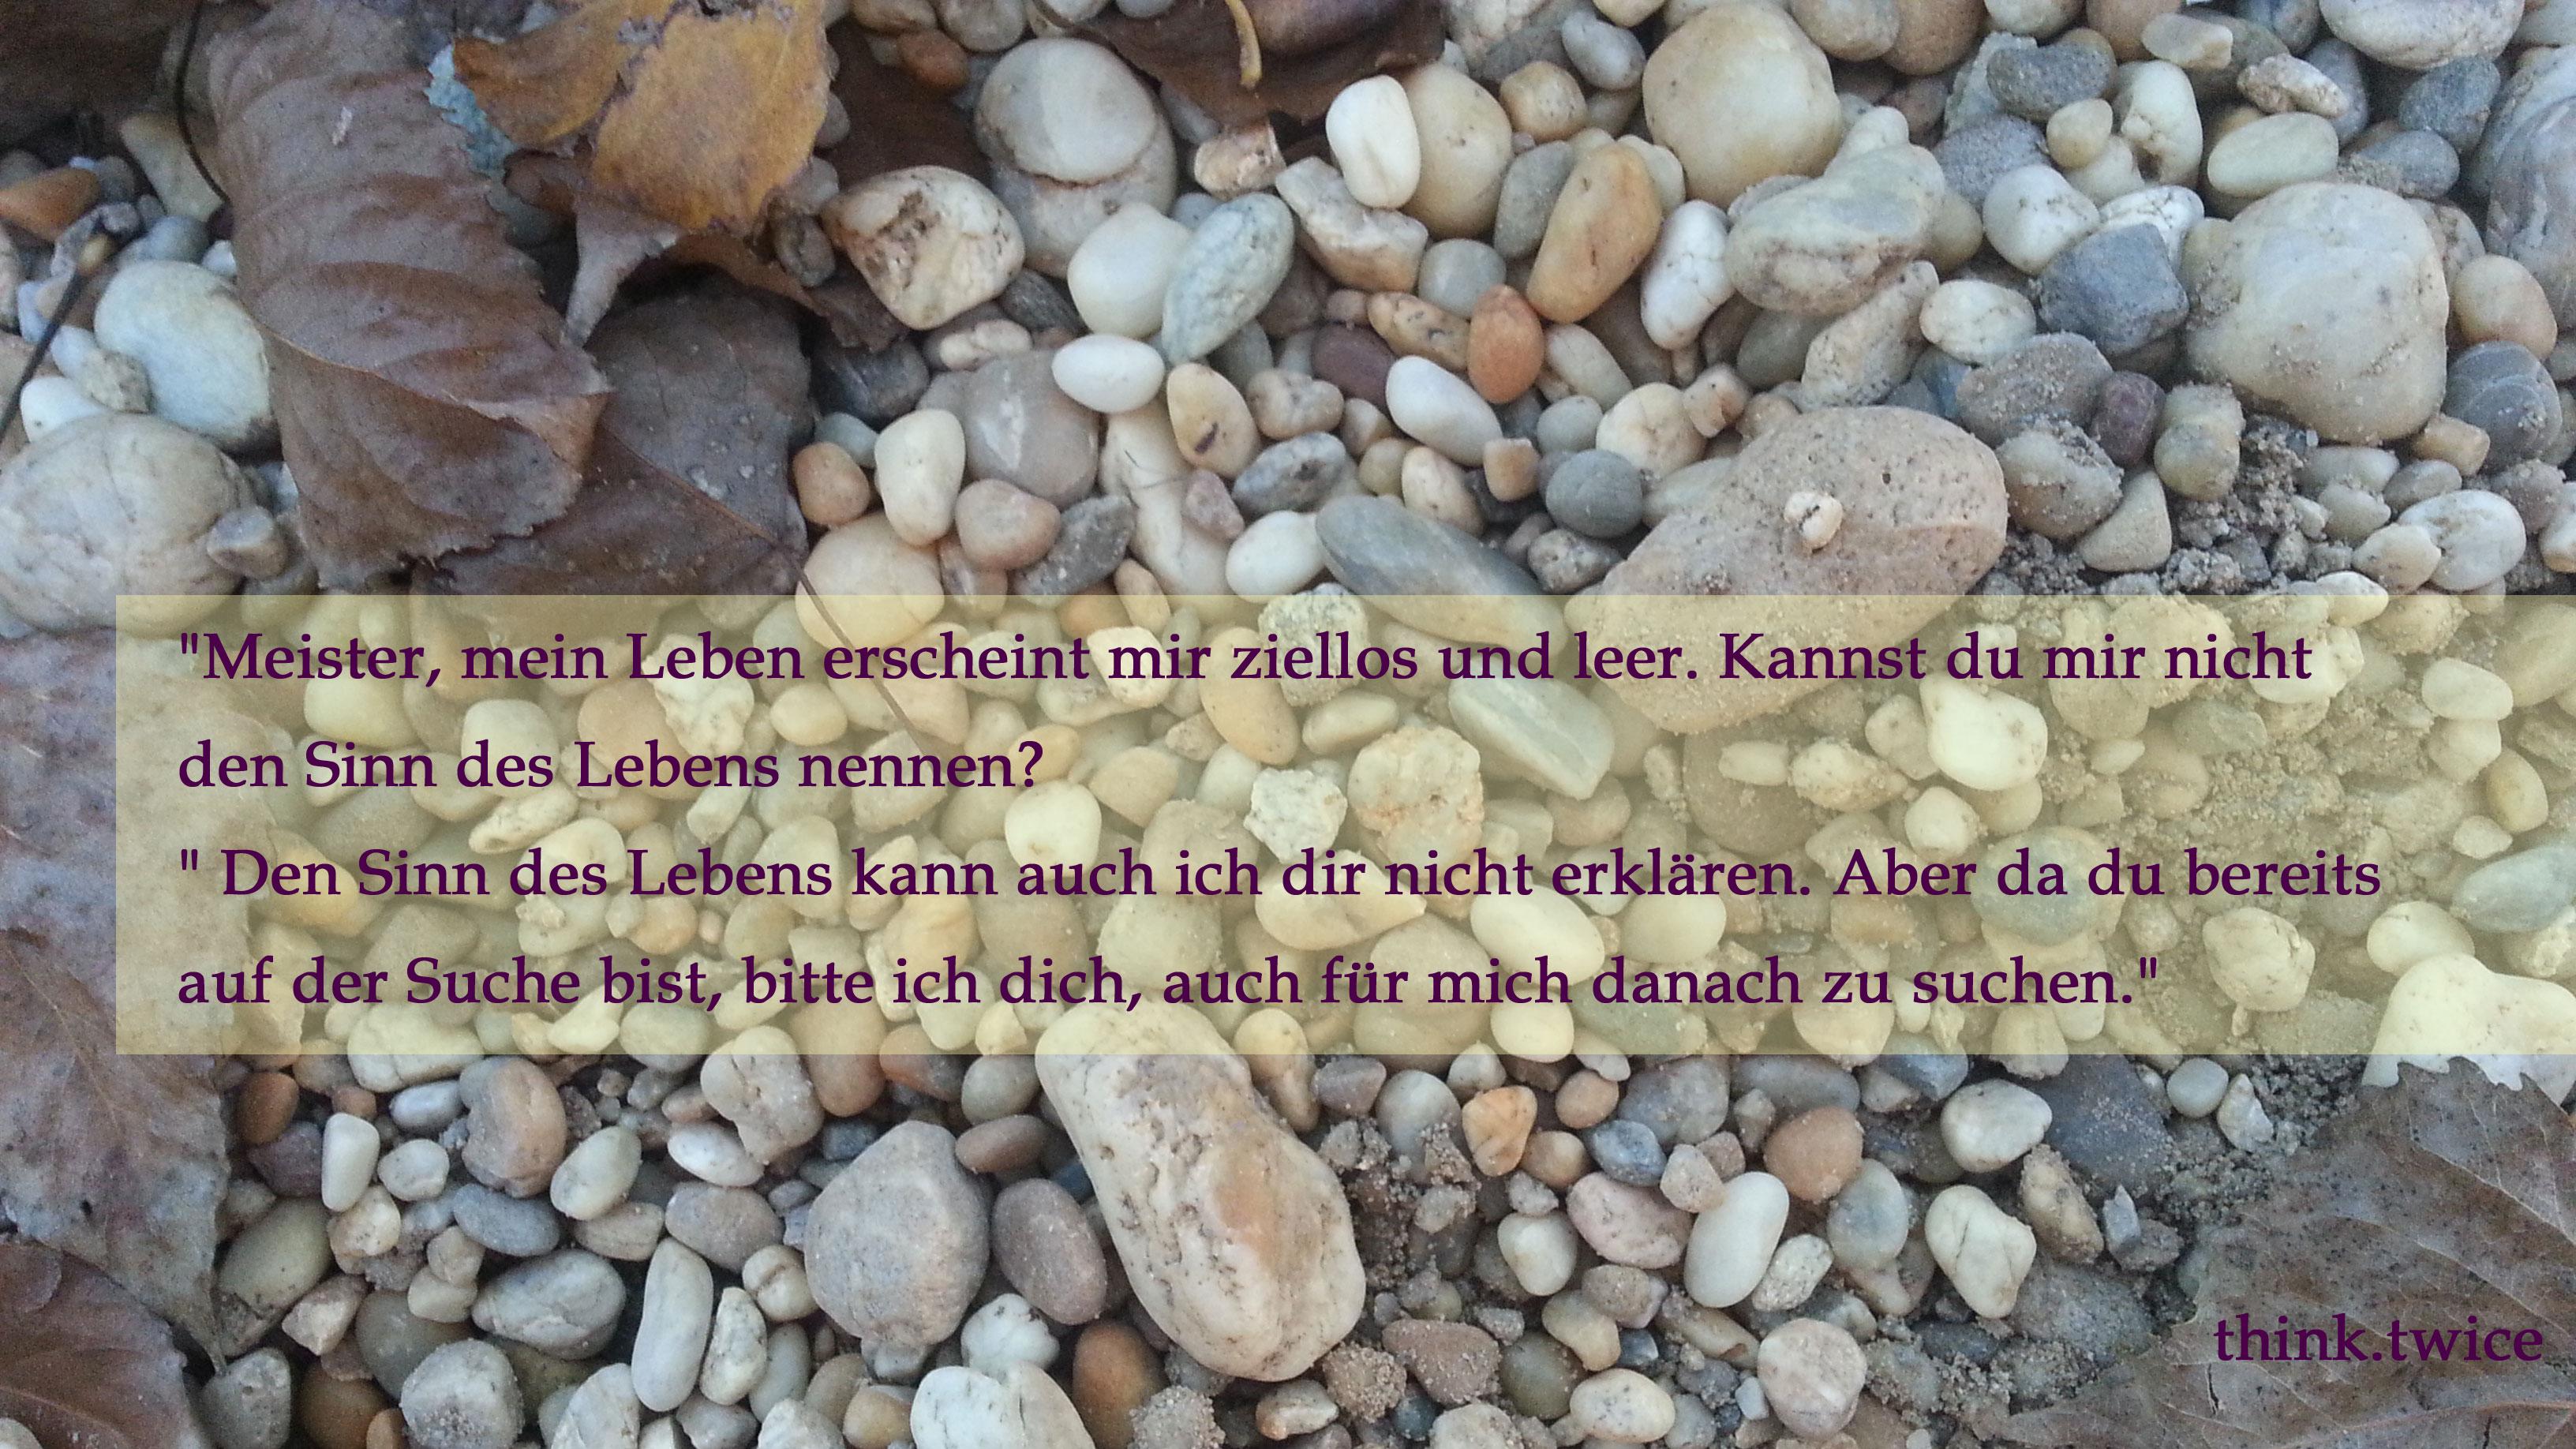 2013-10-23-Sinn-des-Lebens